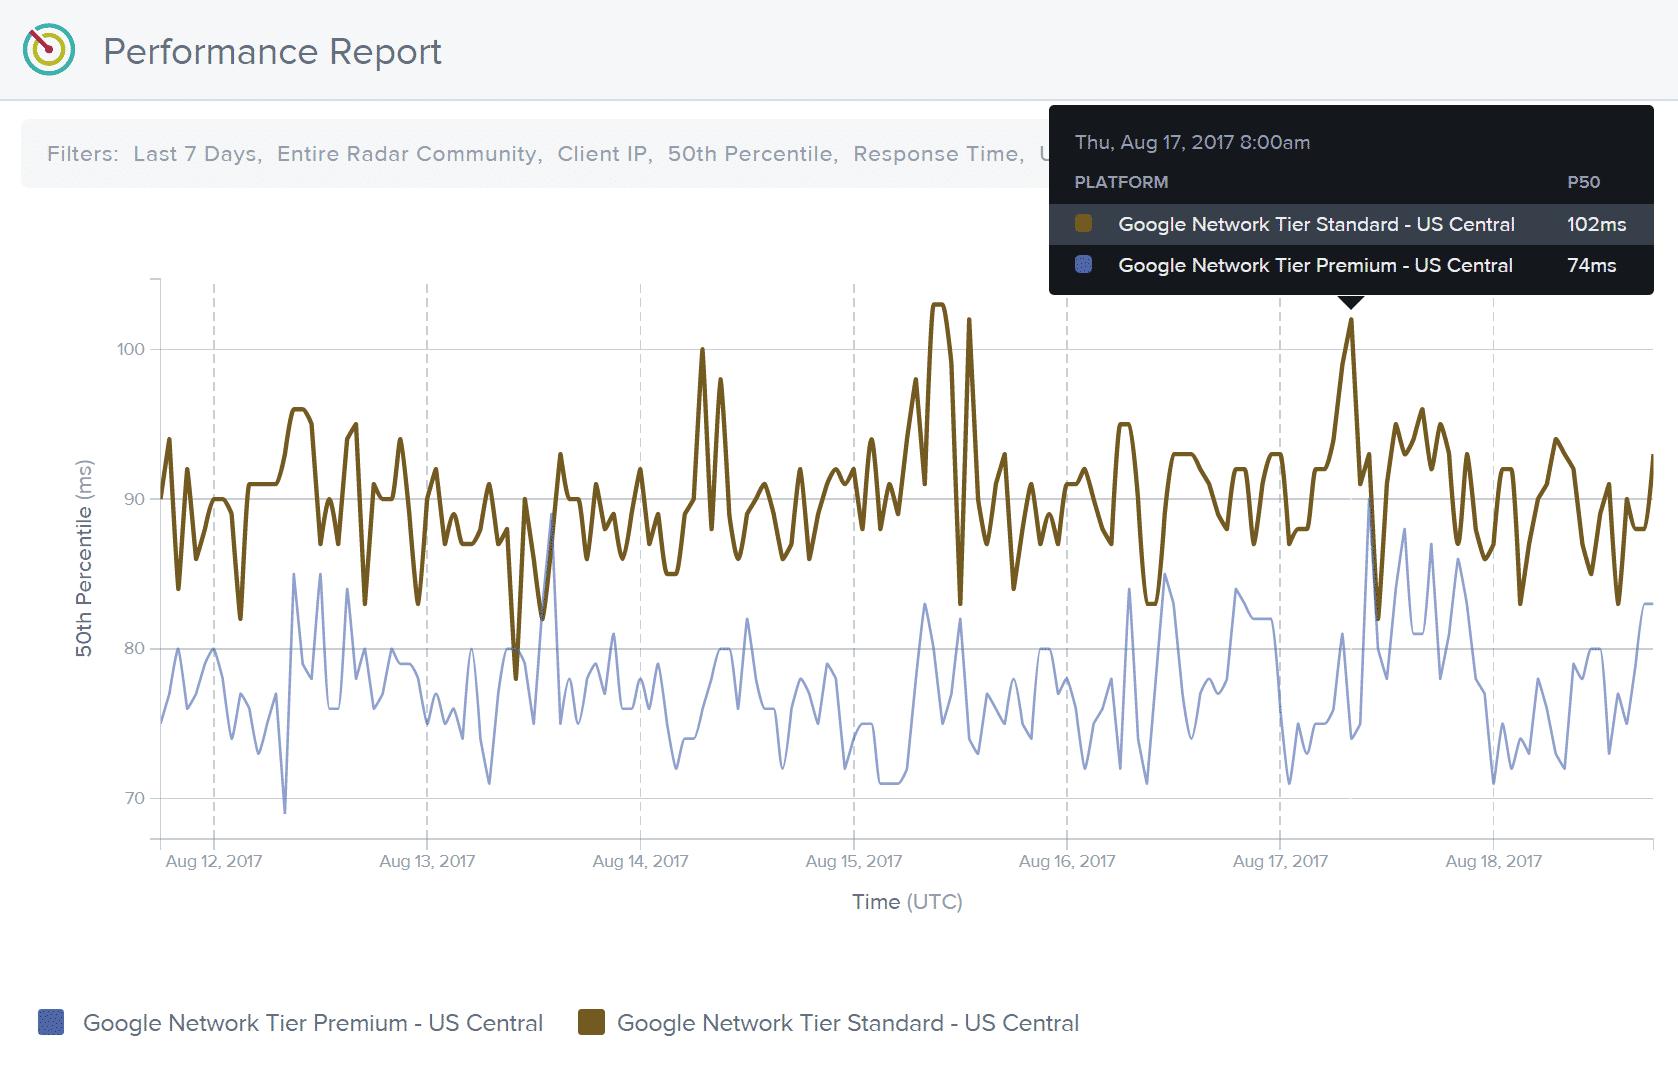 Google Cloud PlatformのPremium tierとStandard tier の待ち時間の差